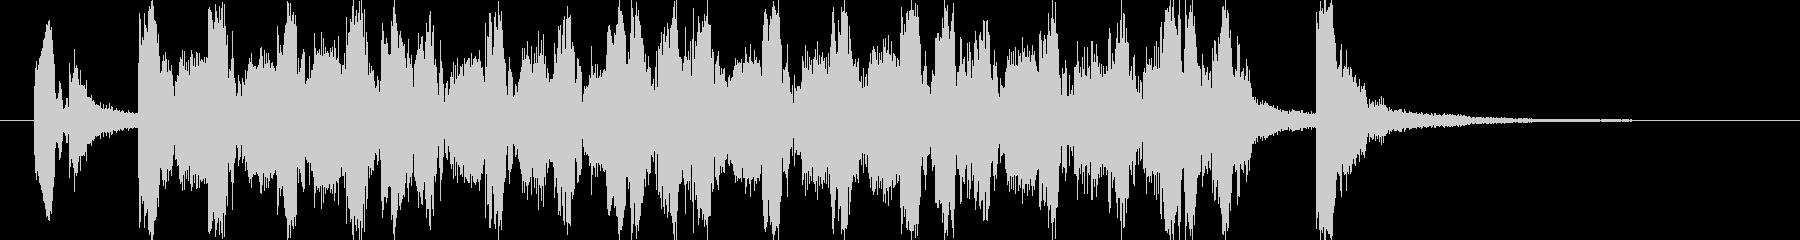 ポップな4つ打ち系ジングル(7秒版)の未再生の波形